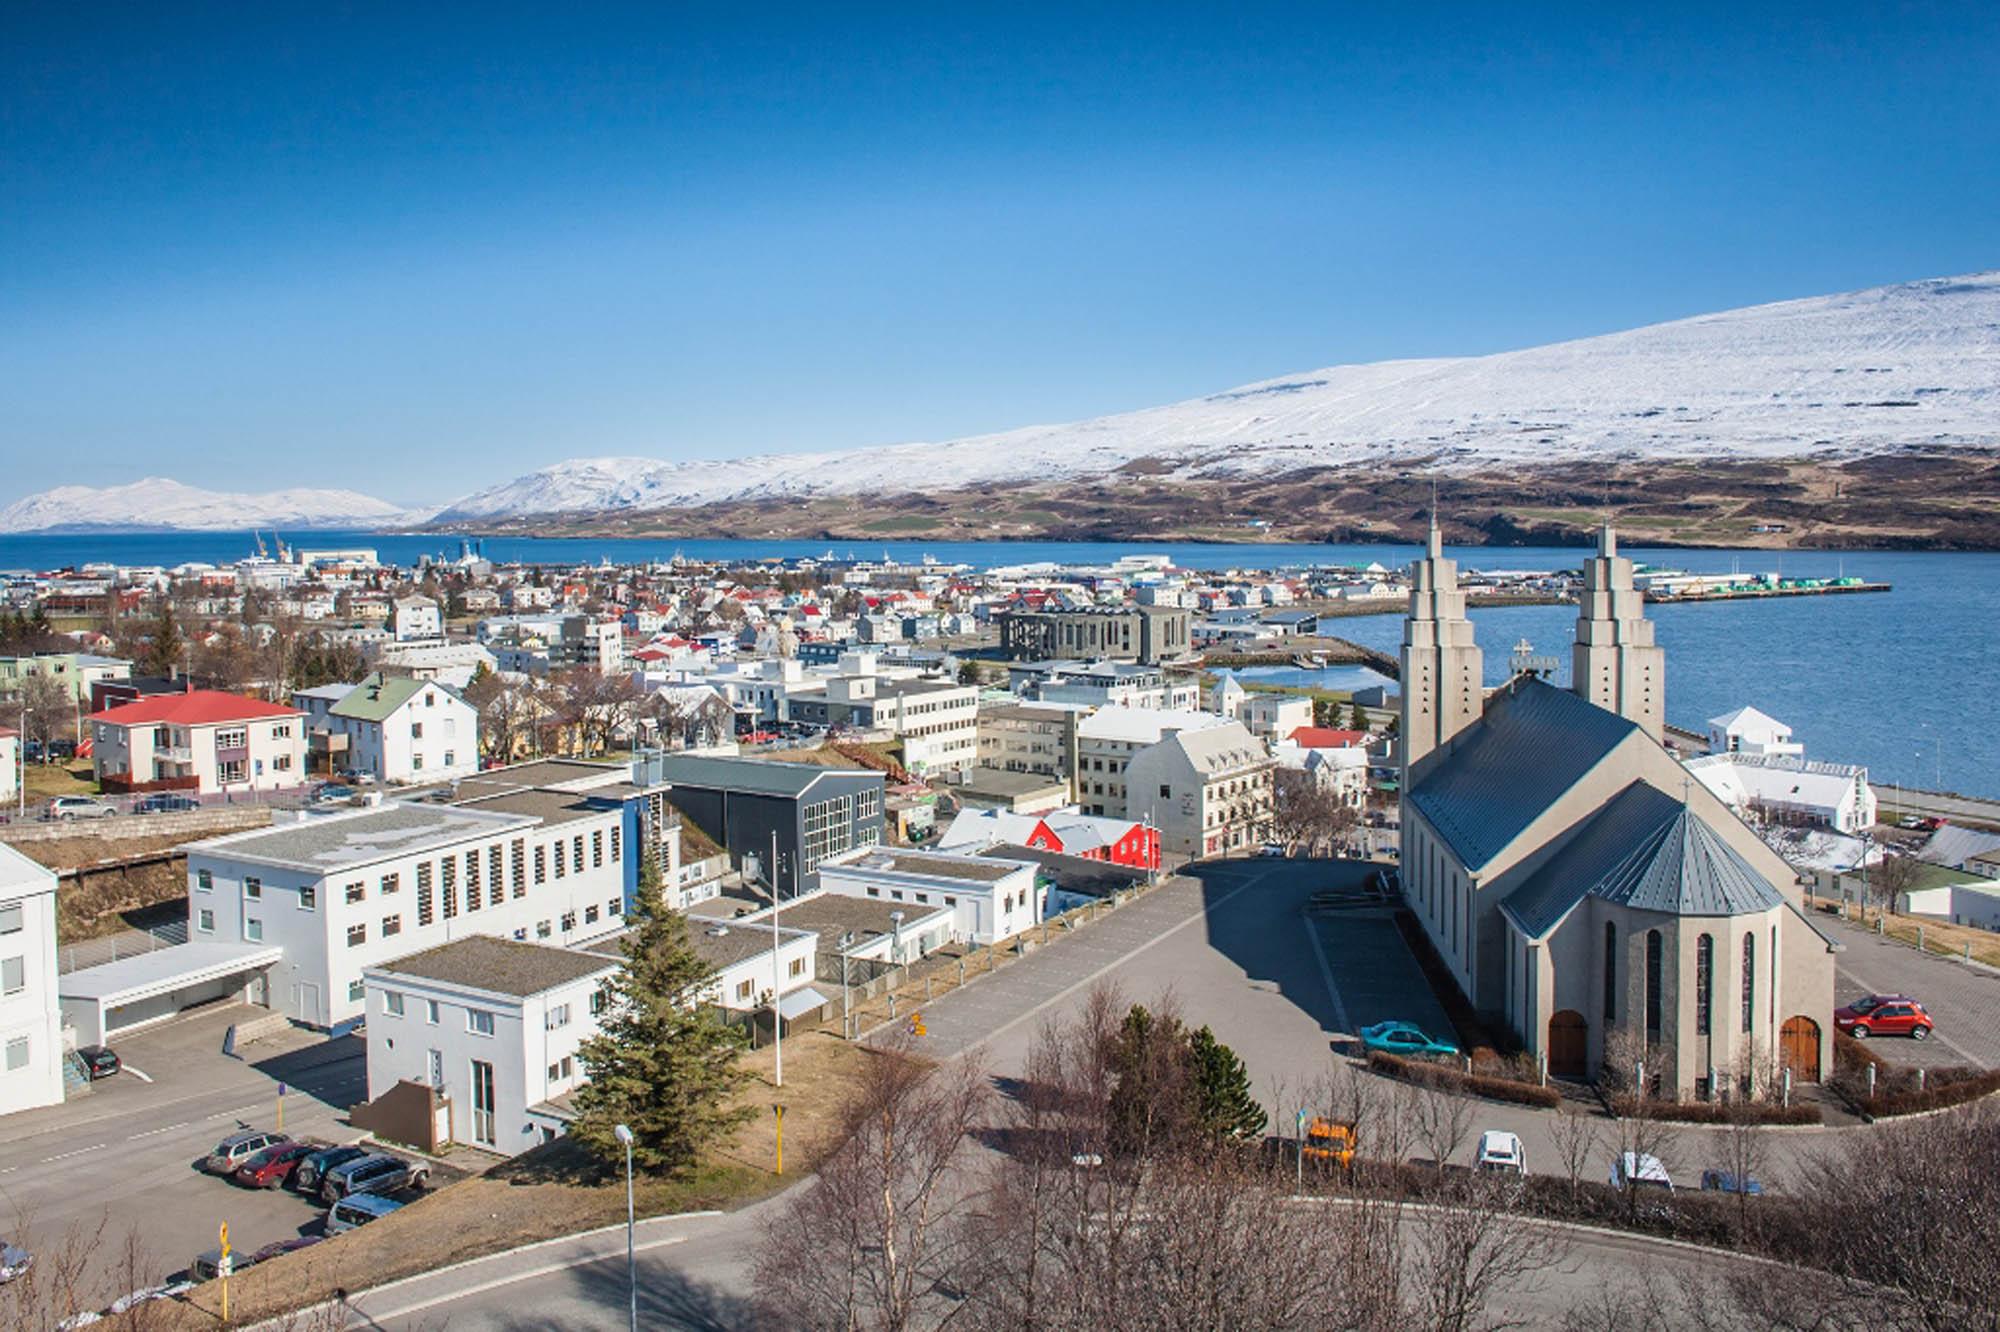 Panorama of Akureyri